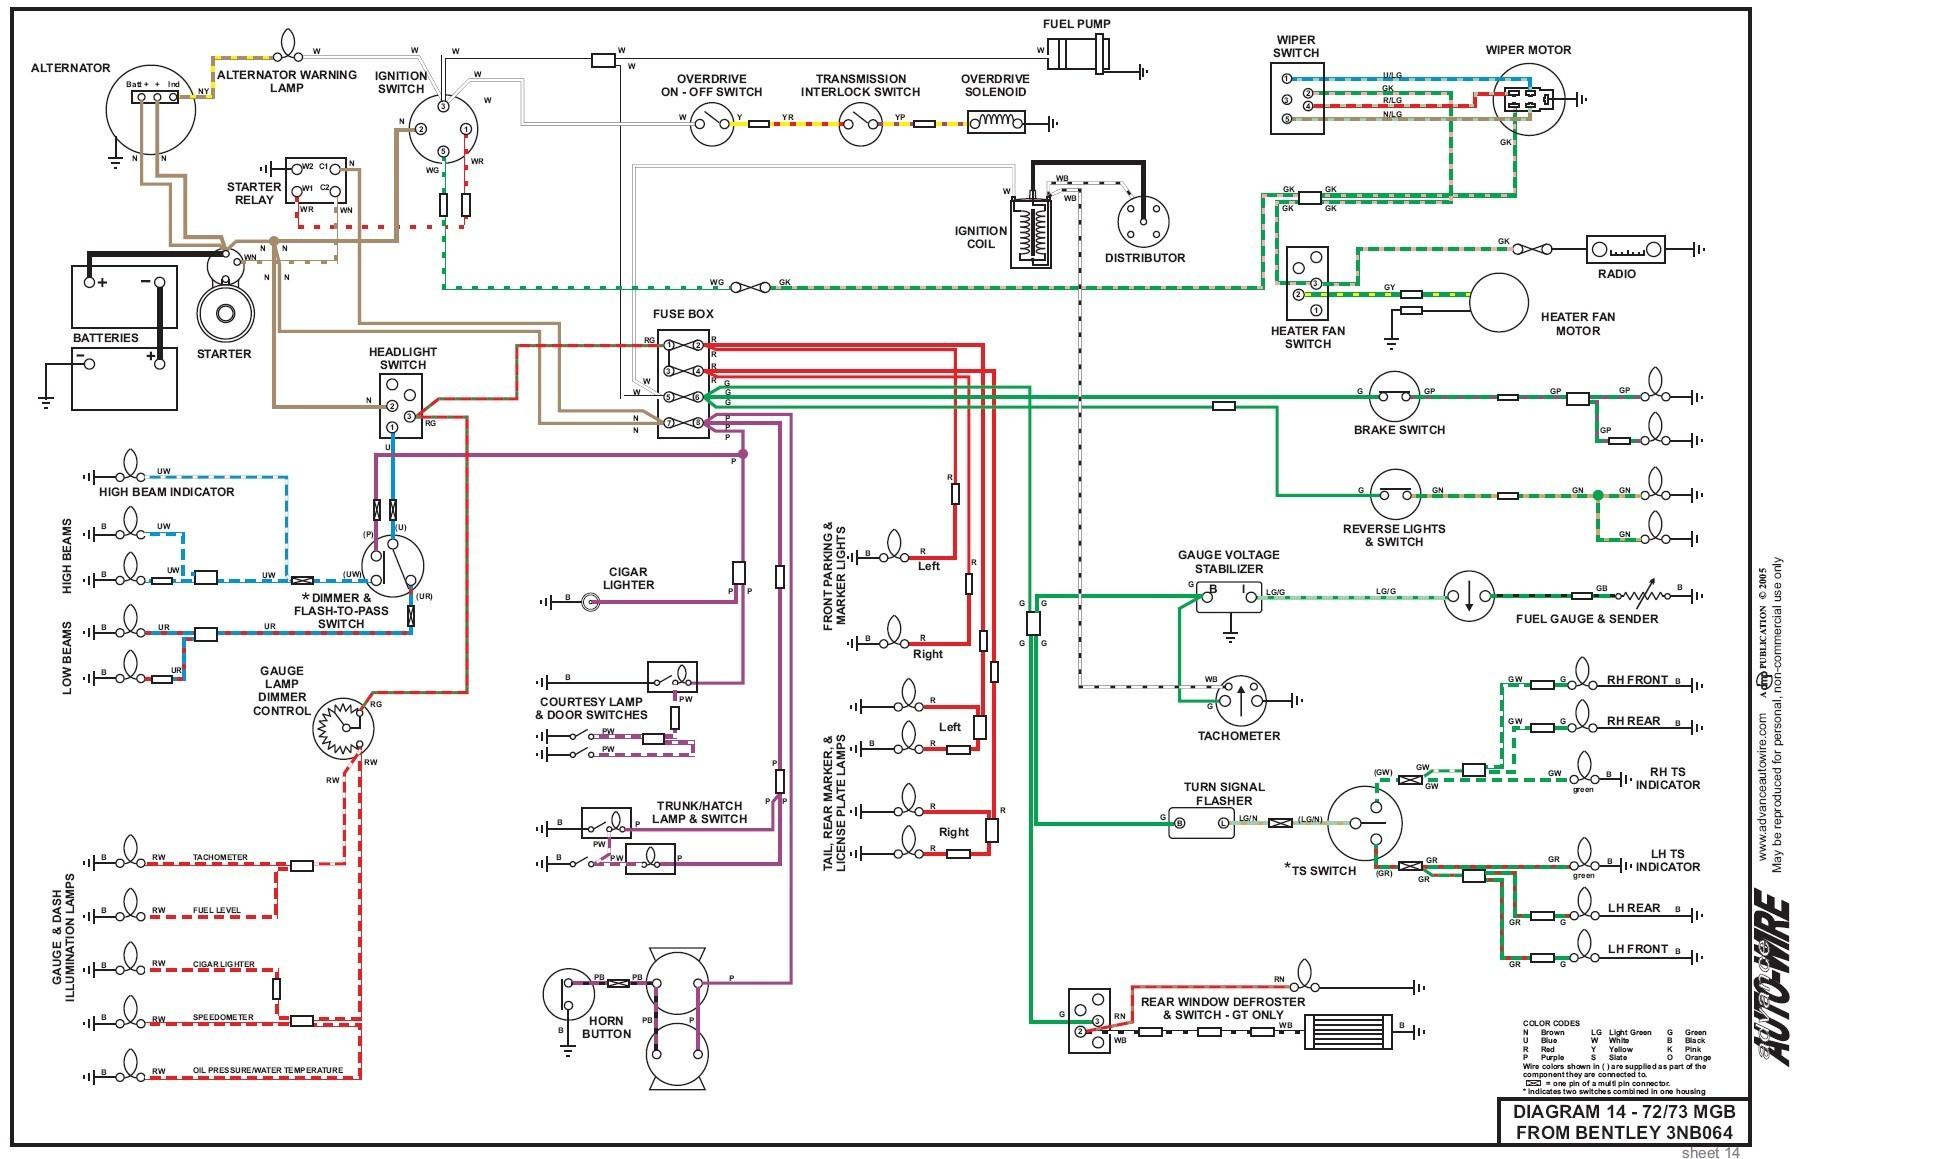 Snorkel 5000 Scissor Lift Wiring Diagram Pdf Lb 3789] Car Lifts Wiring Diagram Download Diagram Of Snorkel 5000 Scissor Lift Wiring Diagram Pdf